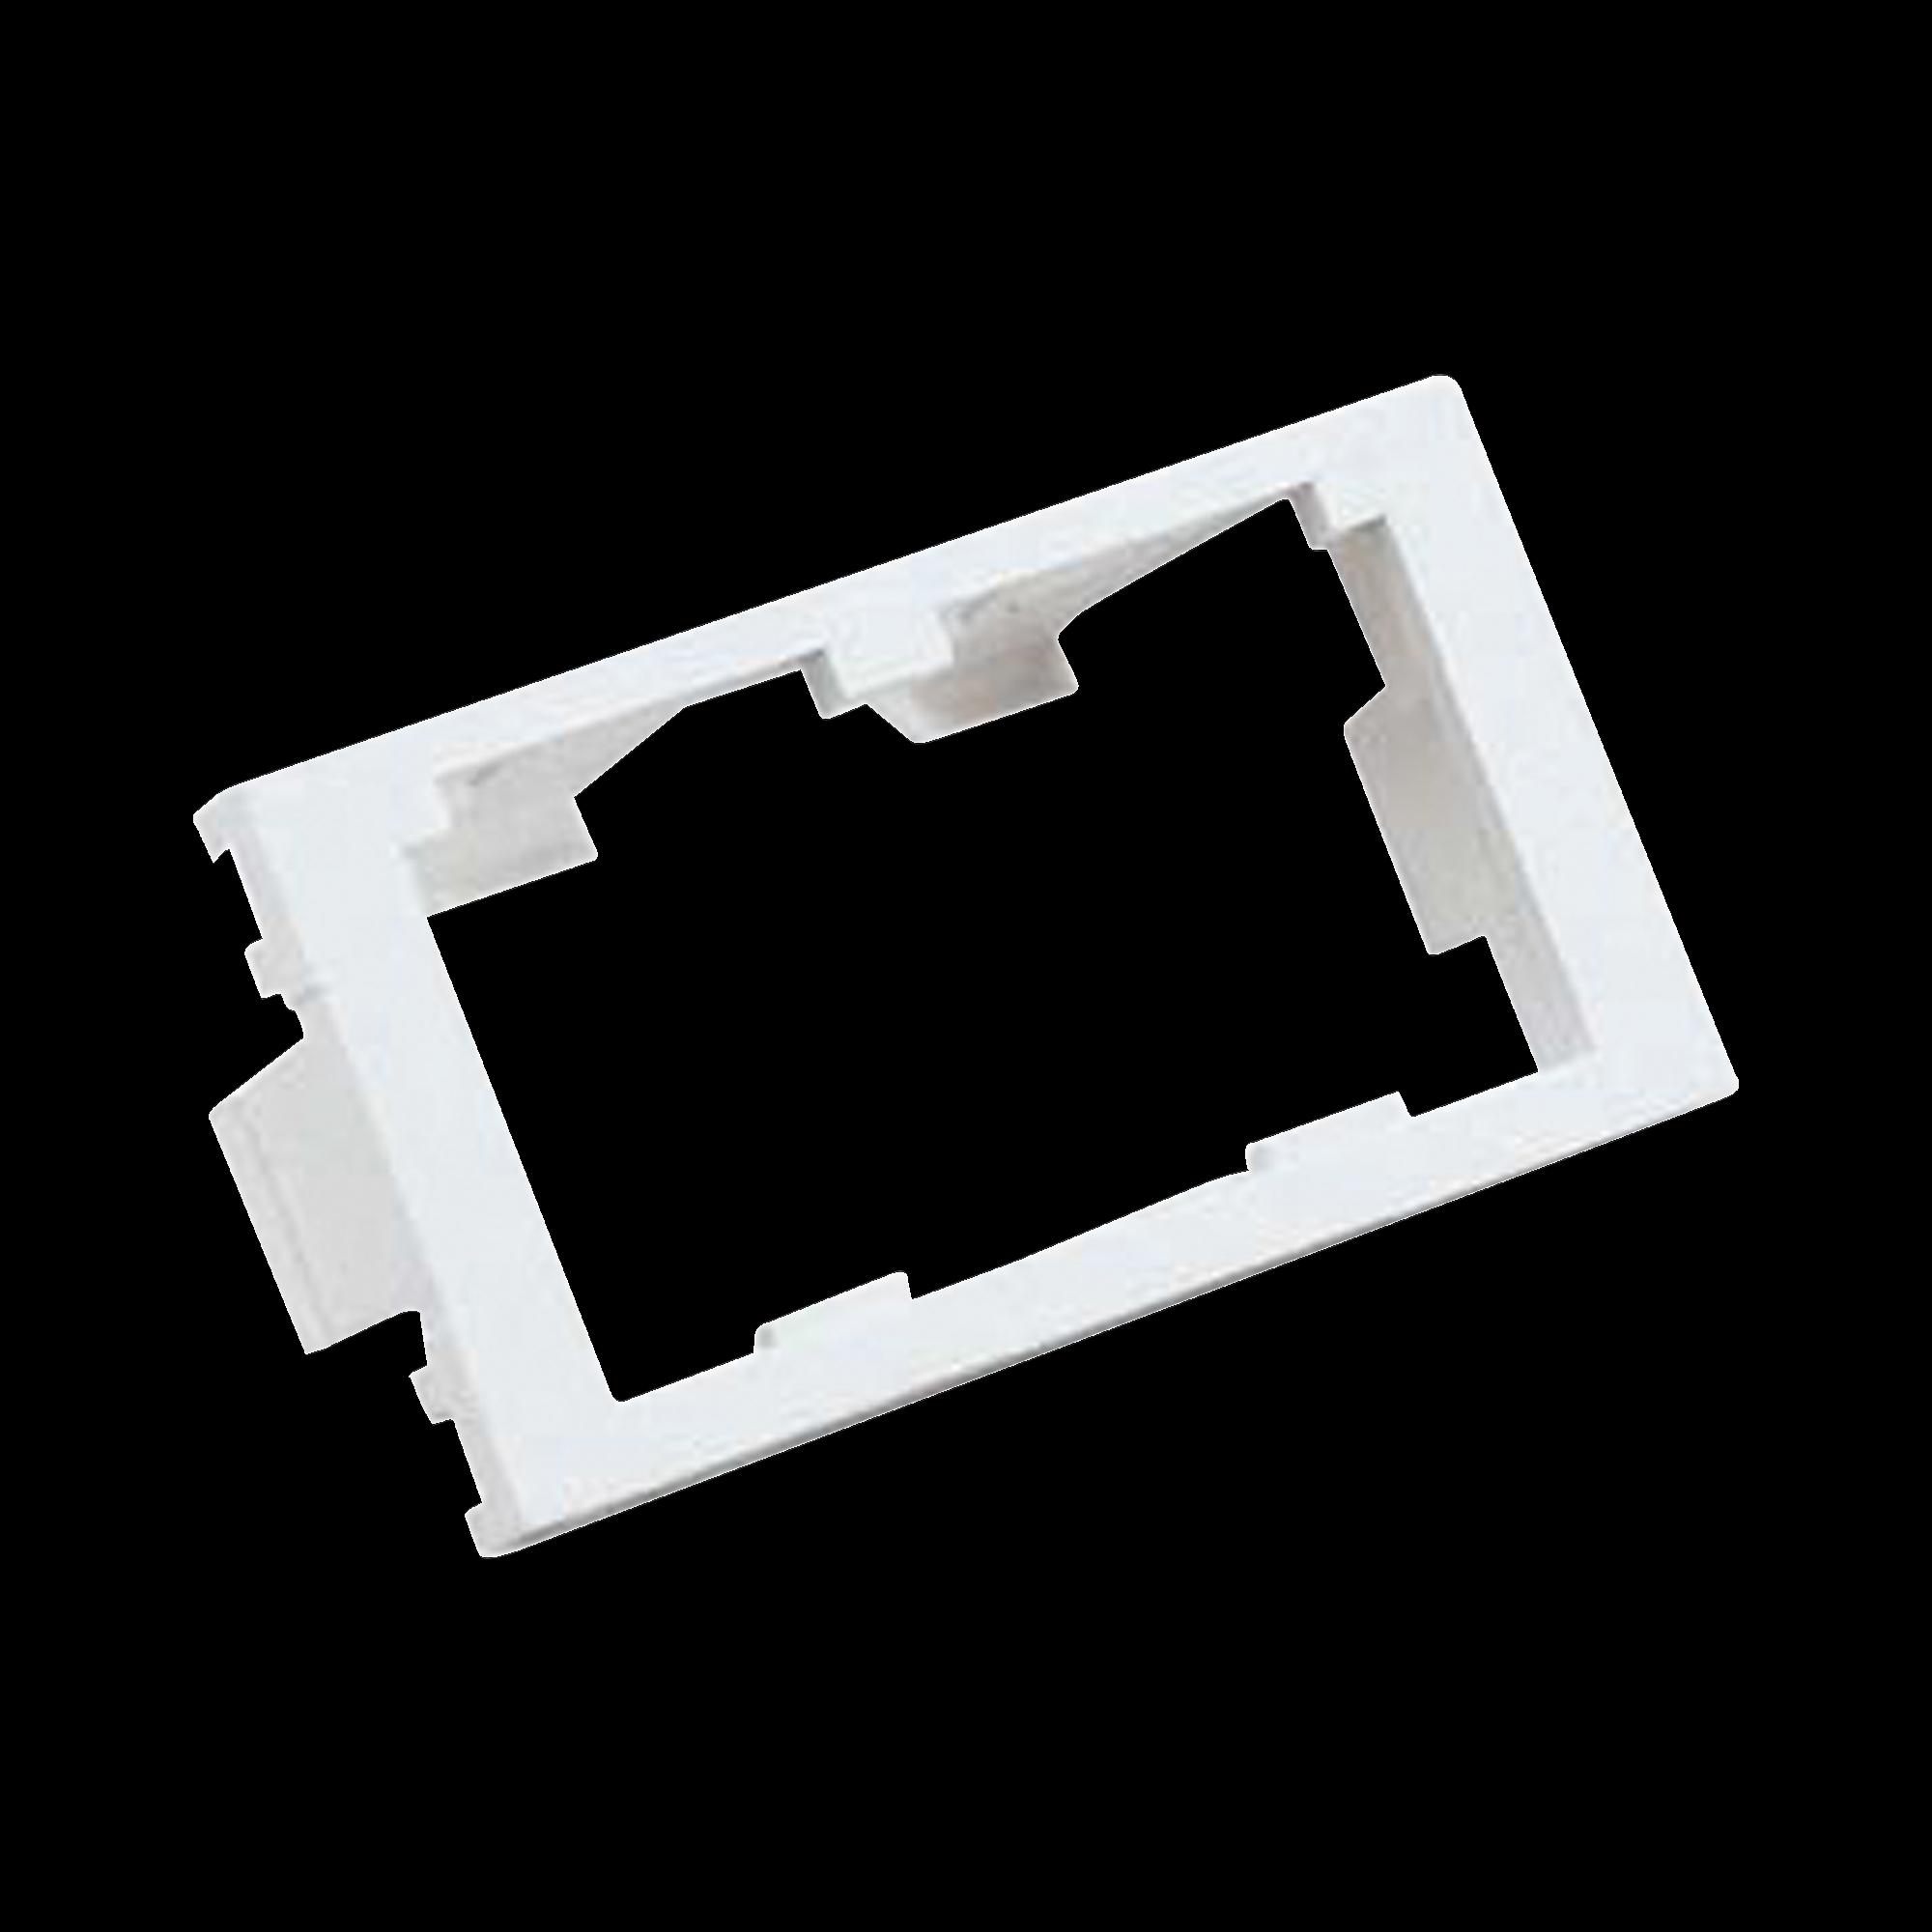 Inserto Plano de 1/3, Espacio para Dos Modulos Mini-Com?, Color Blanco Mate